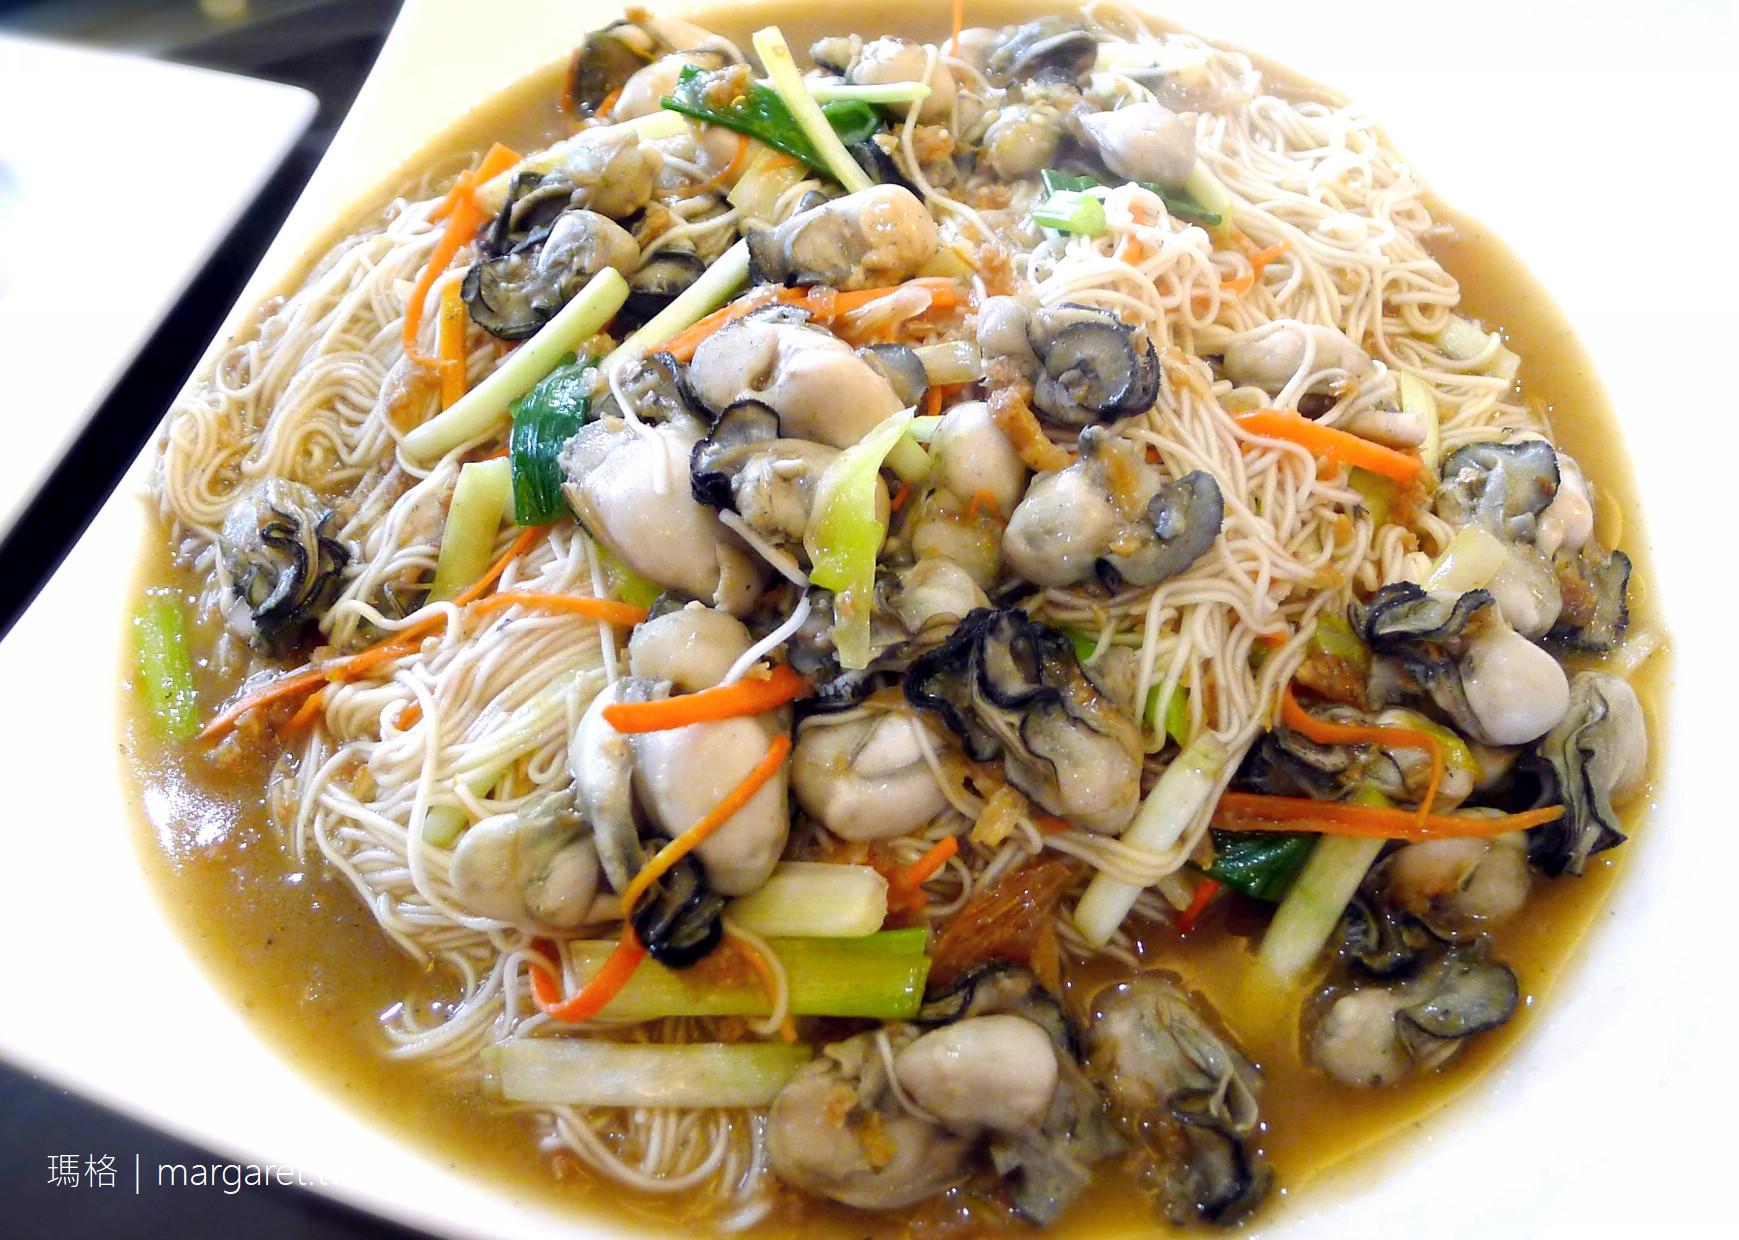 樺榮海鮮餐廳。嘉義東石名店|蔣經國總統最愛的蚵仔麵線